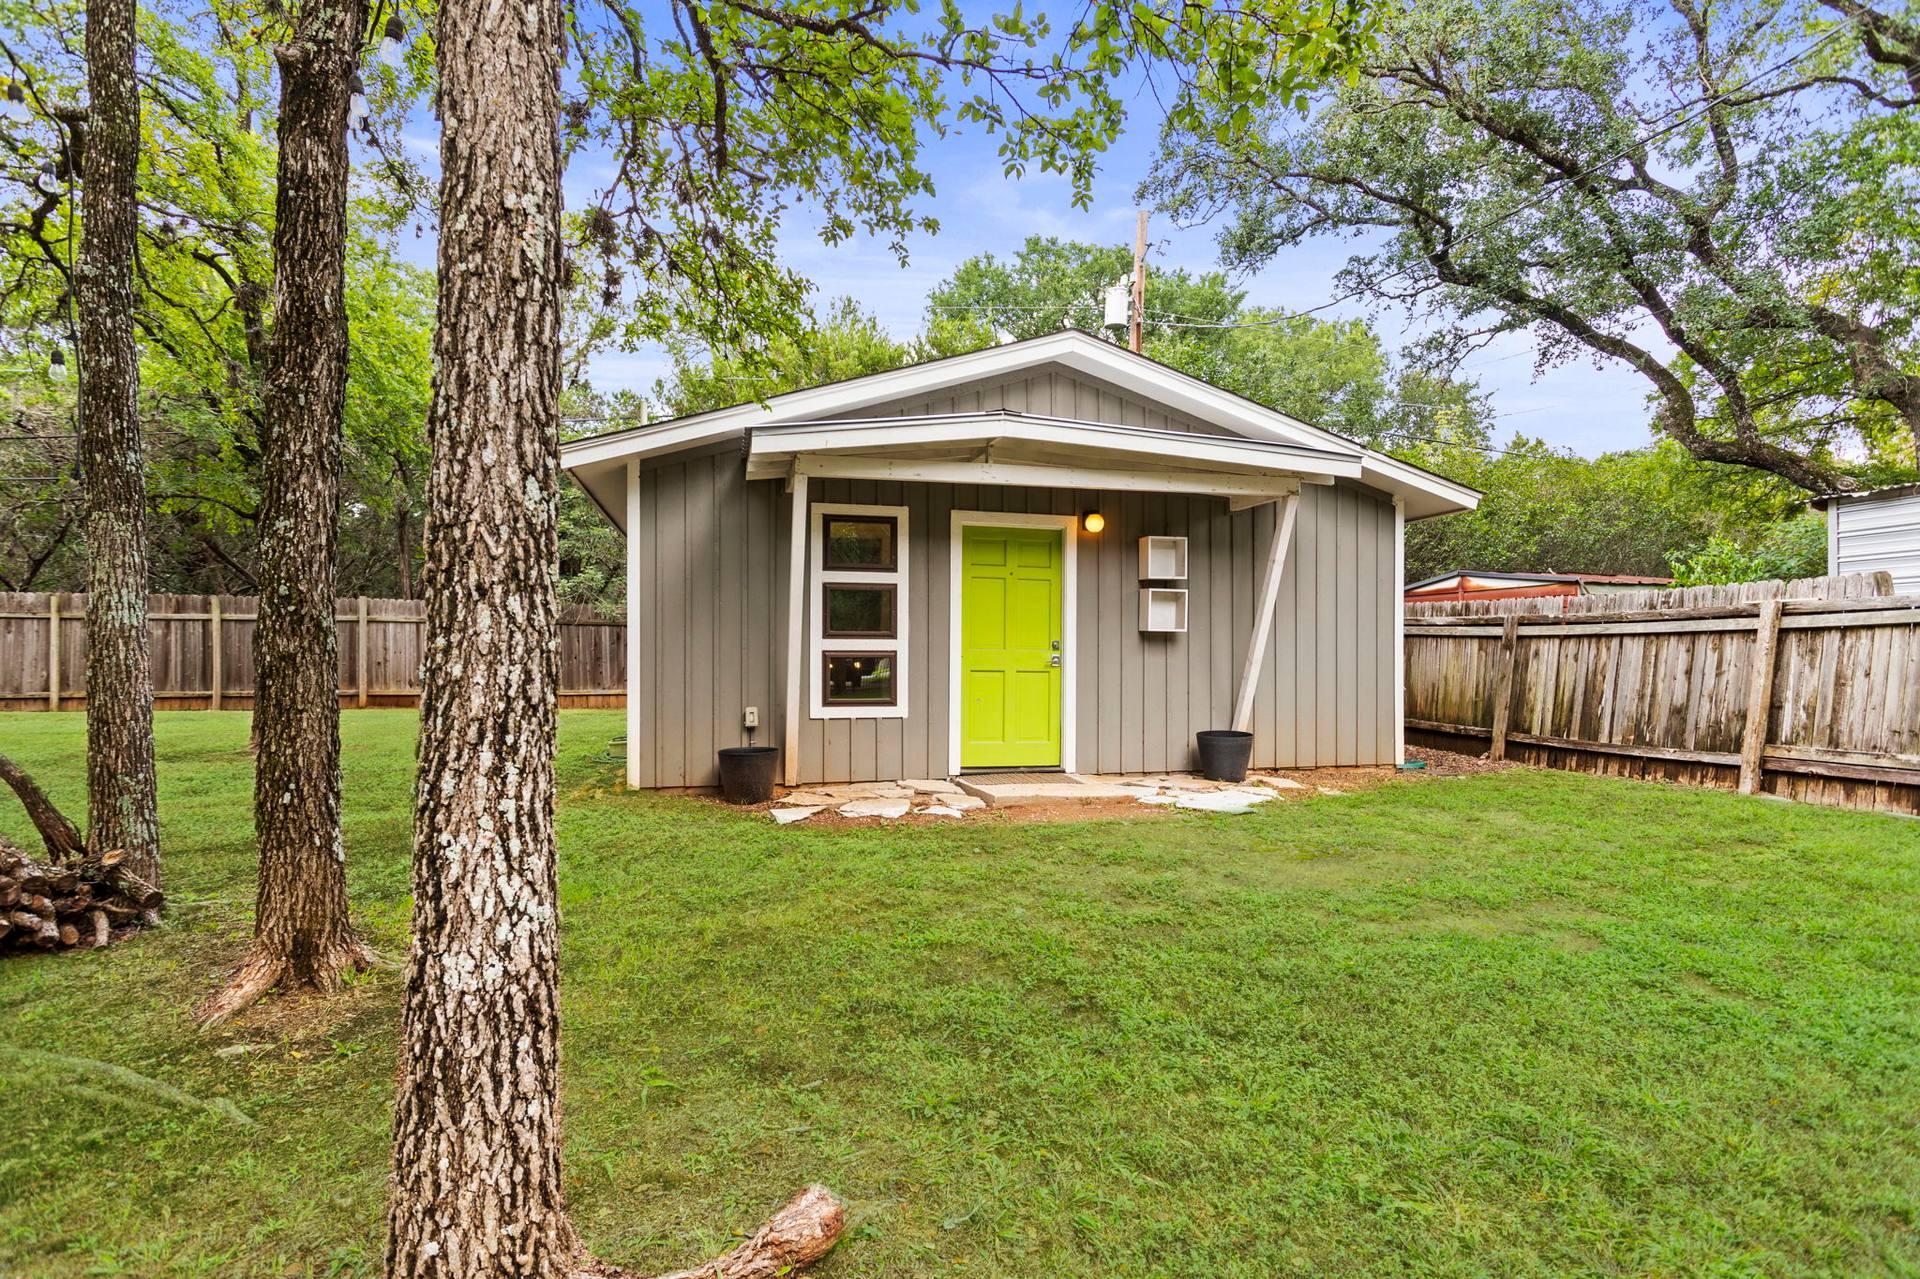 3604 Kellywood Dr, Austin, TX 78739, USA